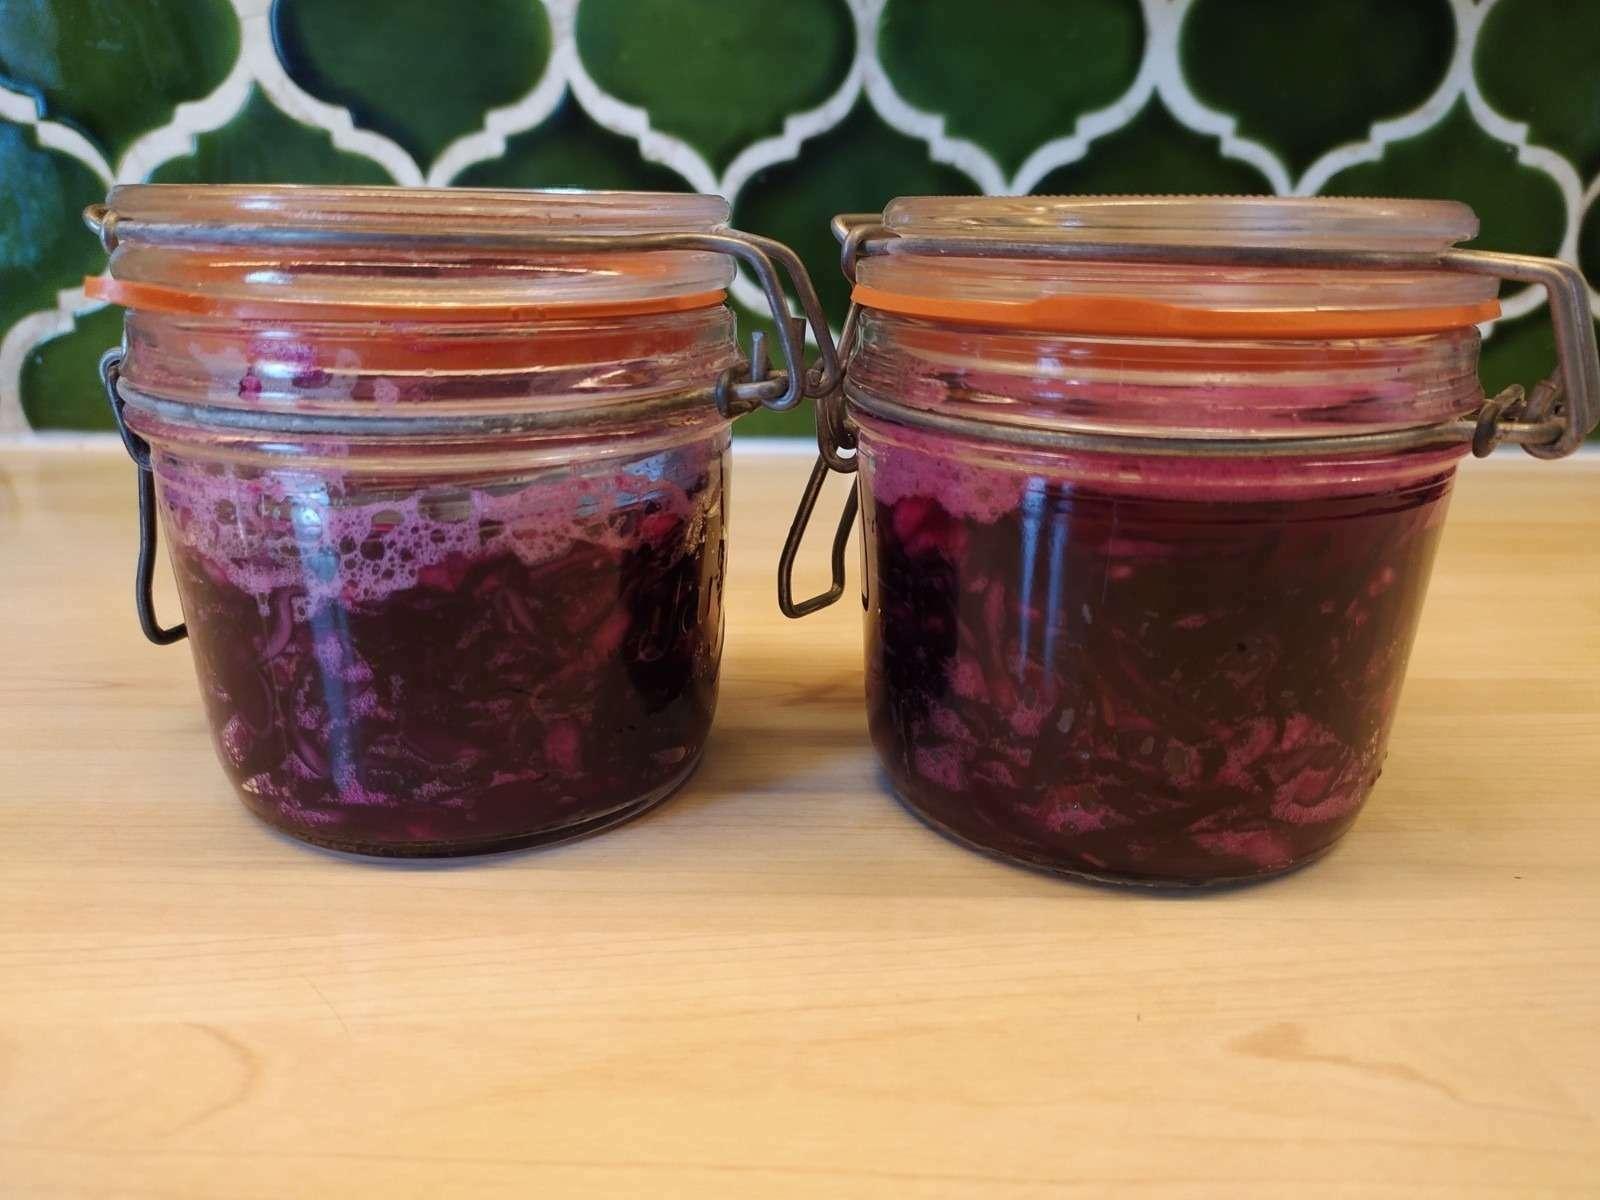 les bocaux sont prêts pour la fermentation